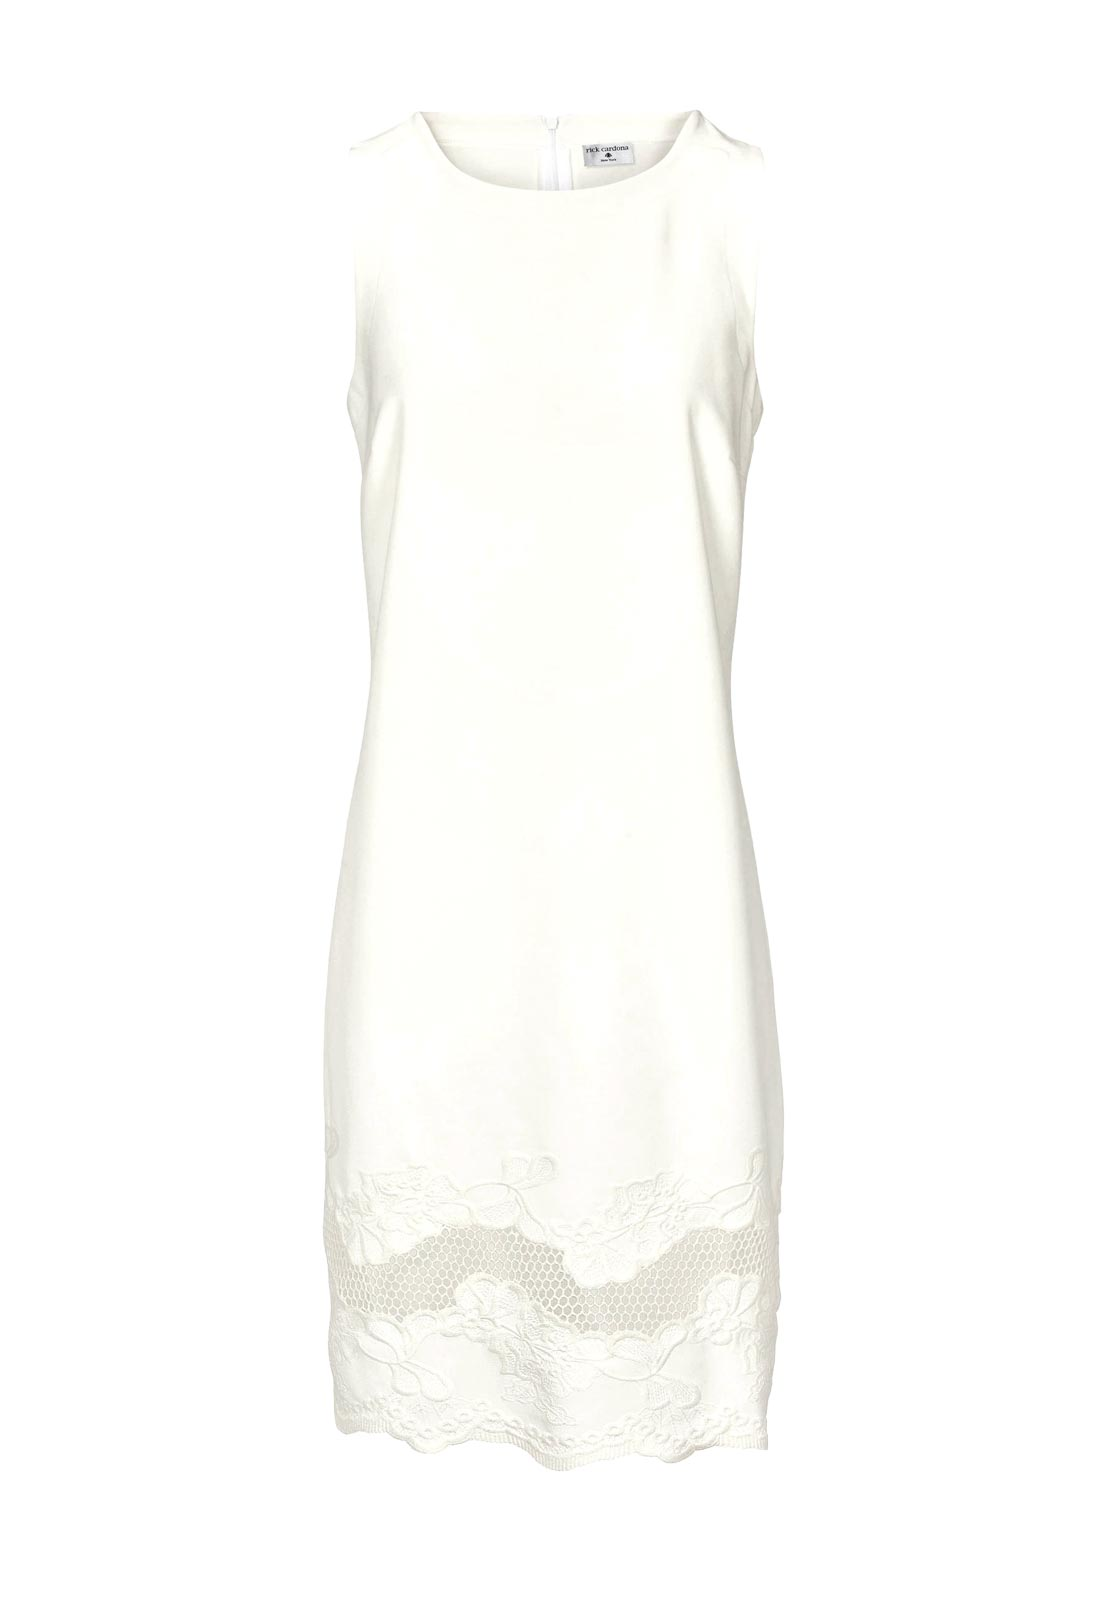 business kleider für damen RICK CARDONA Damen Designer-Etuikleid m. Stickerei Ecru 560.872 Missforty